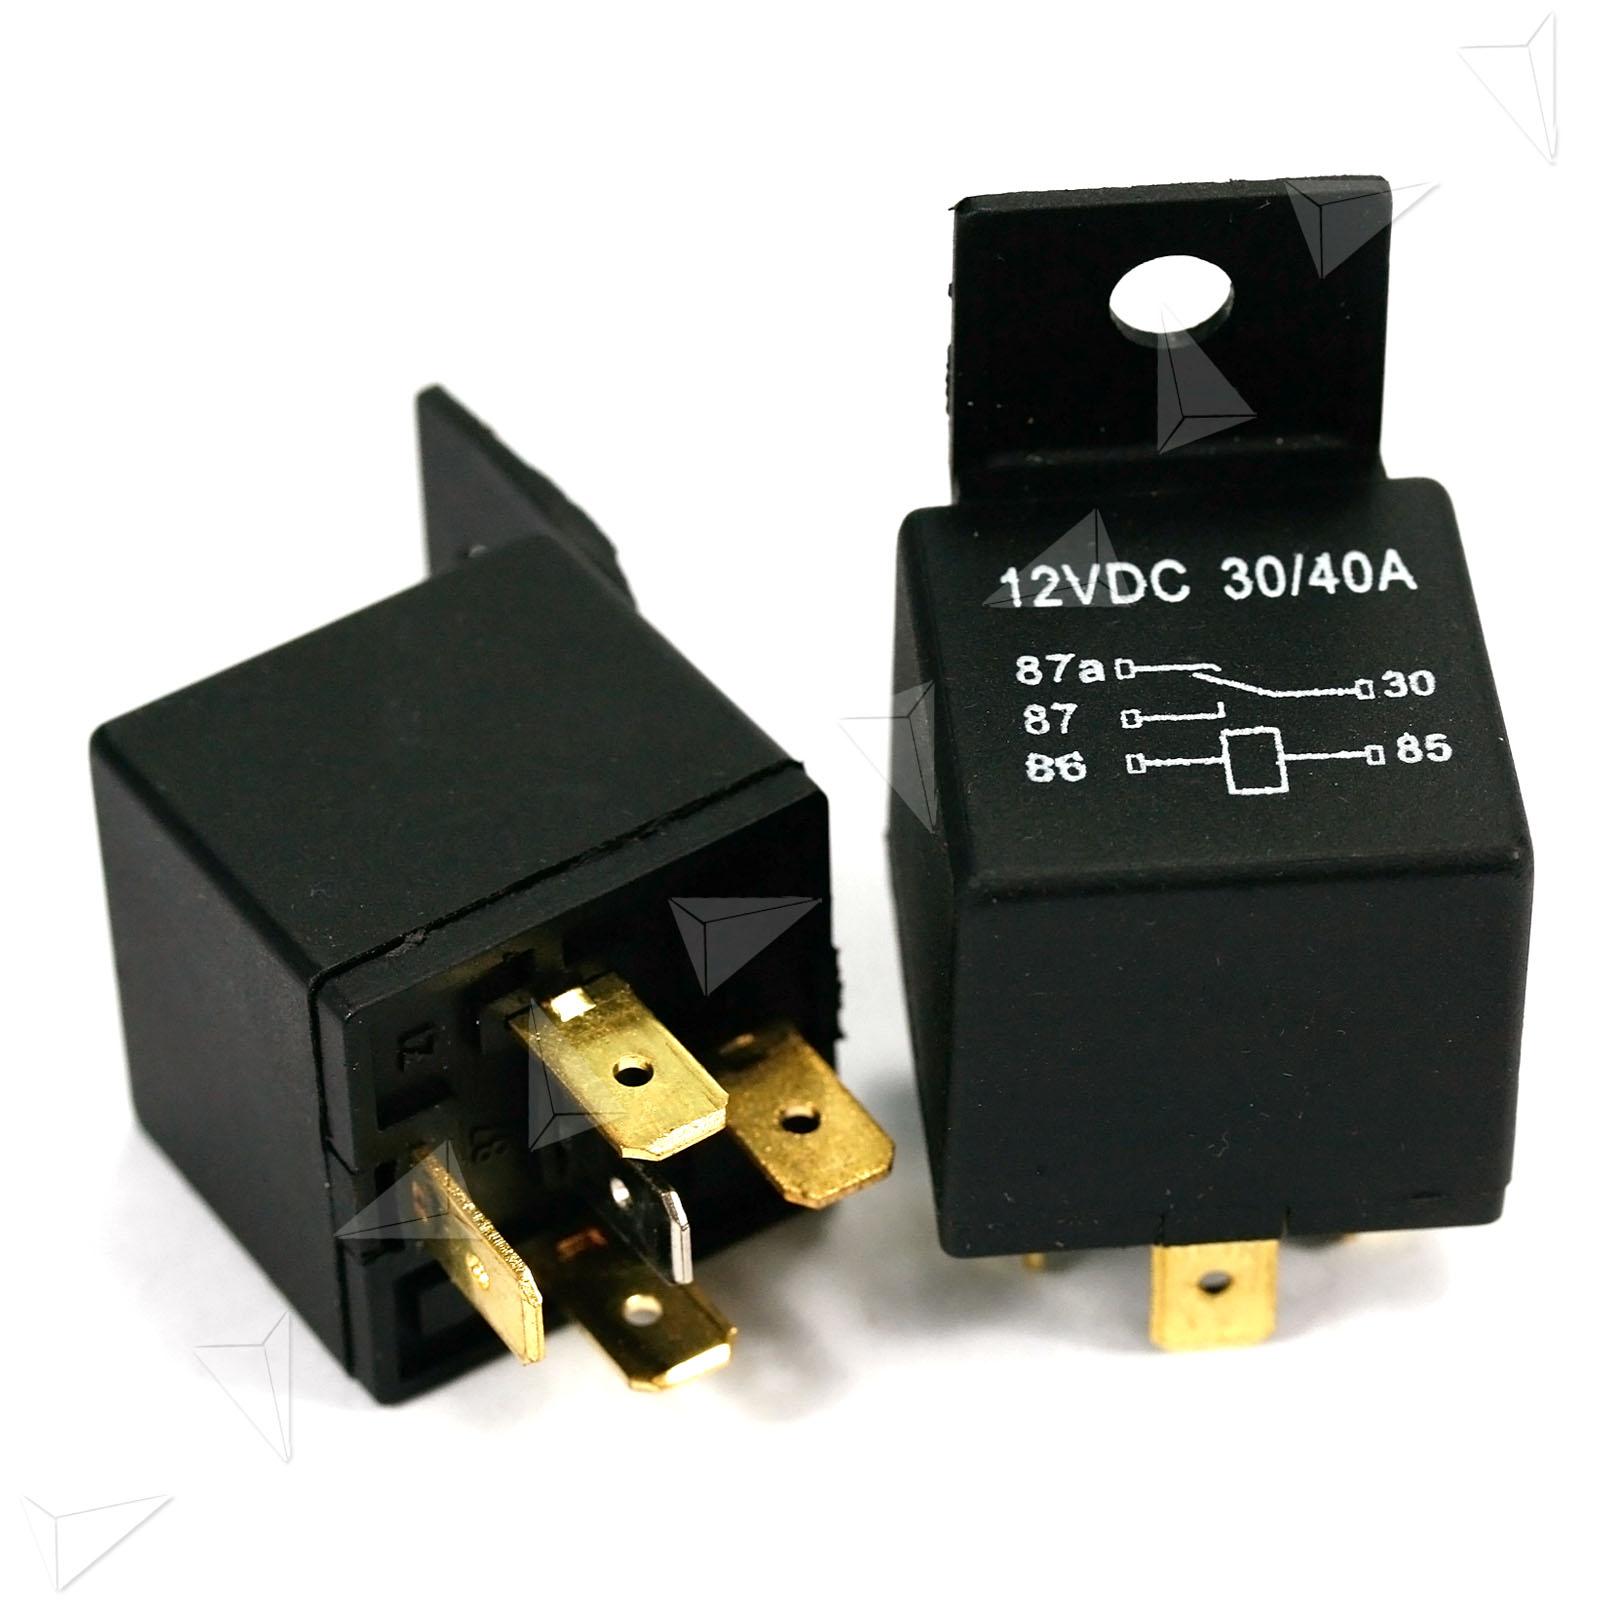 5x Car Vehicle 12v 12 Volt Dc 40a Amp Relay  U0026 Socket Set